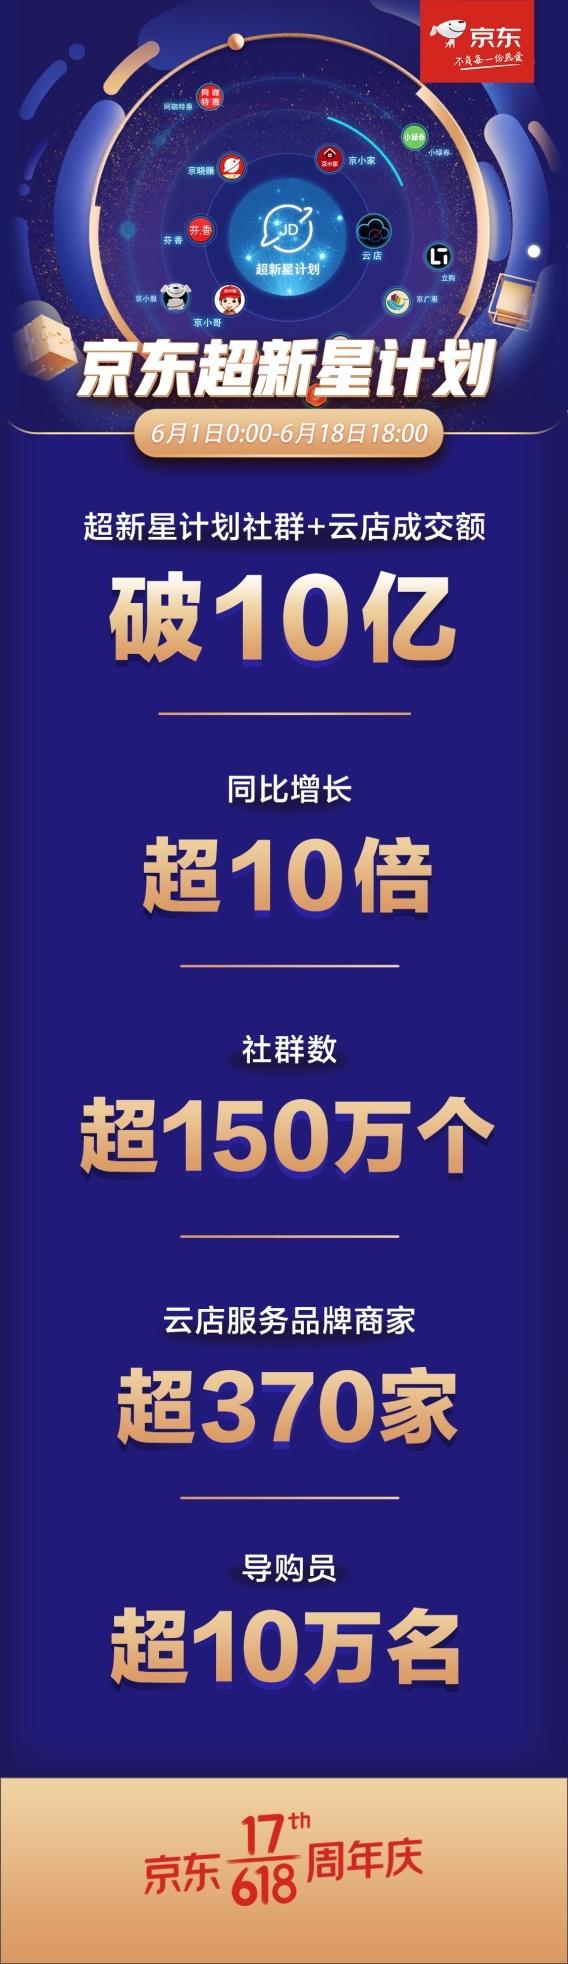 京东618超新星计划社群及云店成交额同比增长超10倍 打通线上线下全渠道